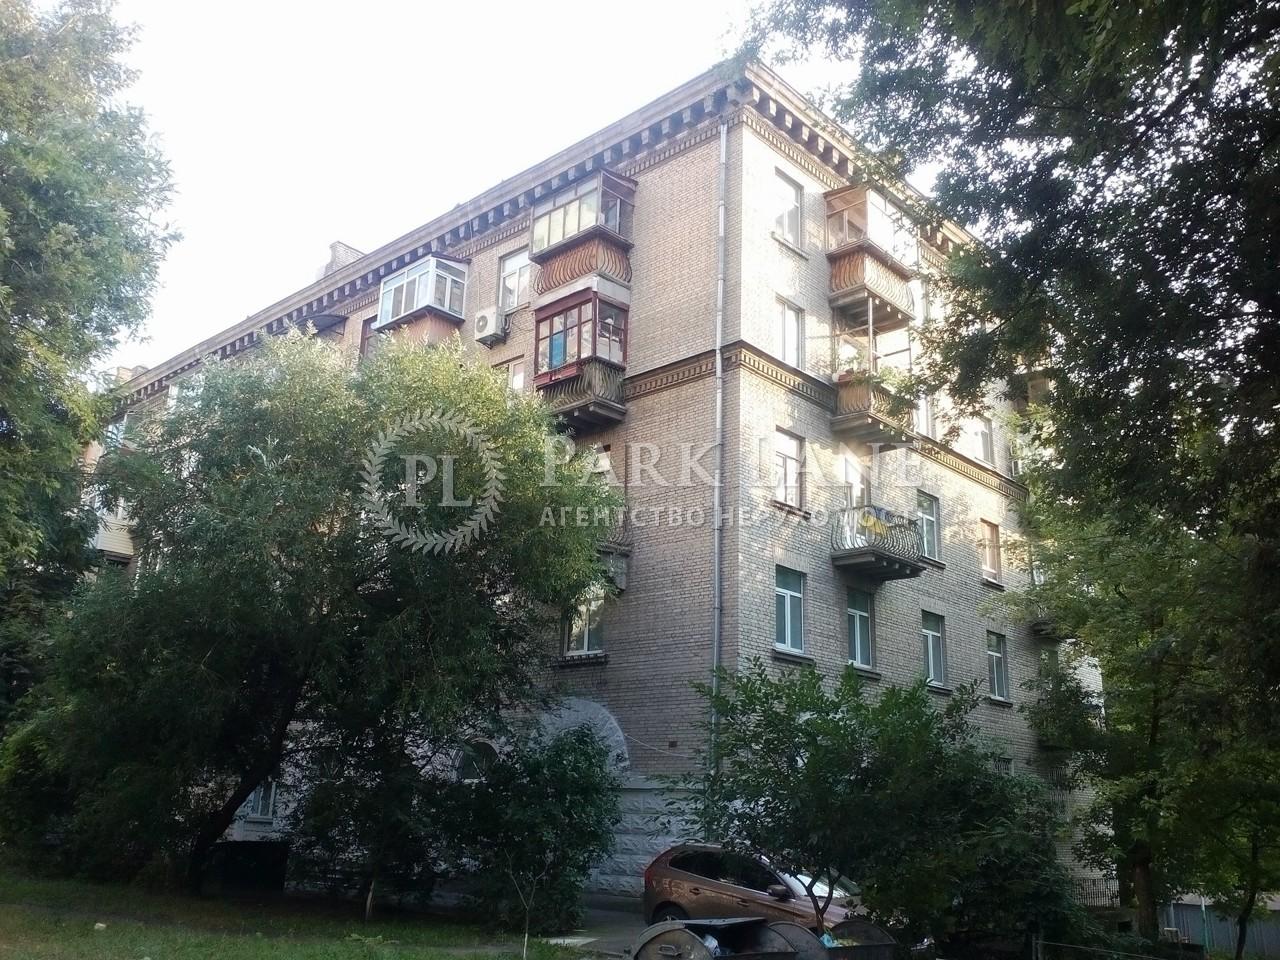 Квартира B-91559, Барбюса Анри, 58/1, Киев - Фото 2